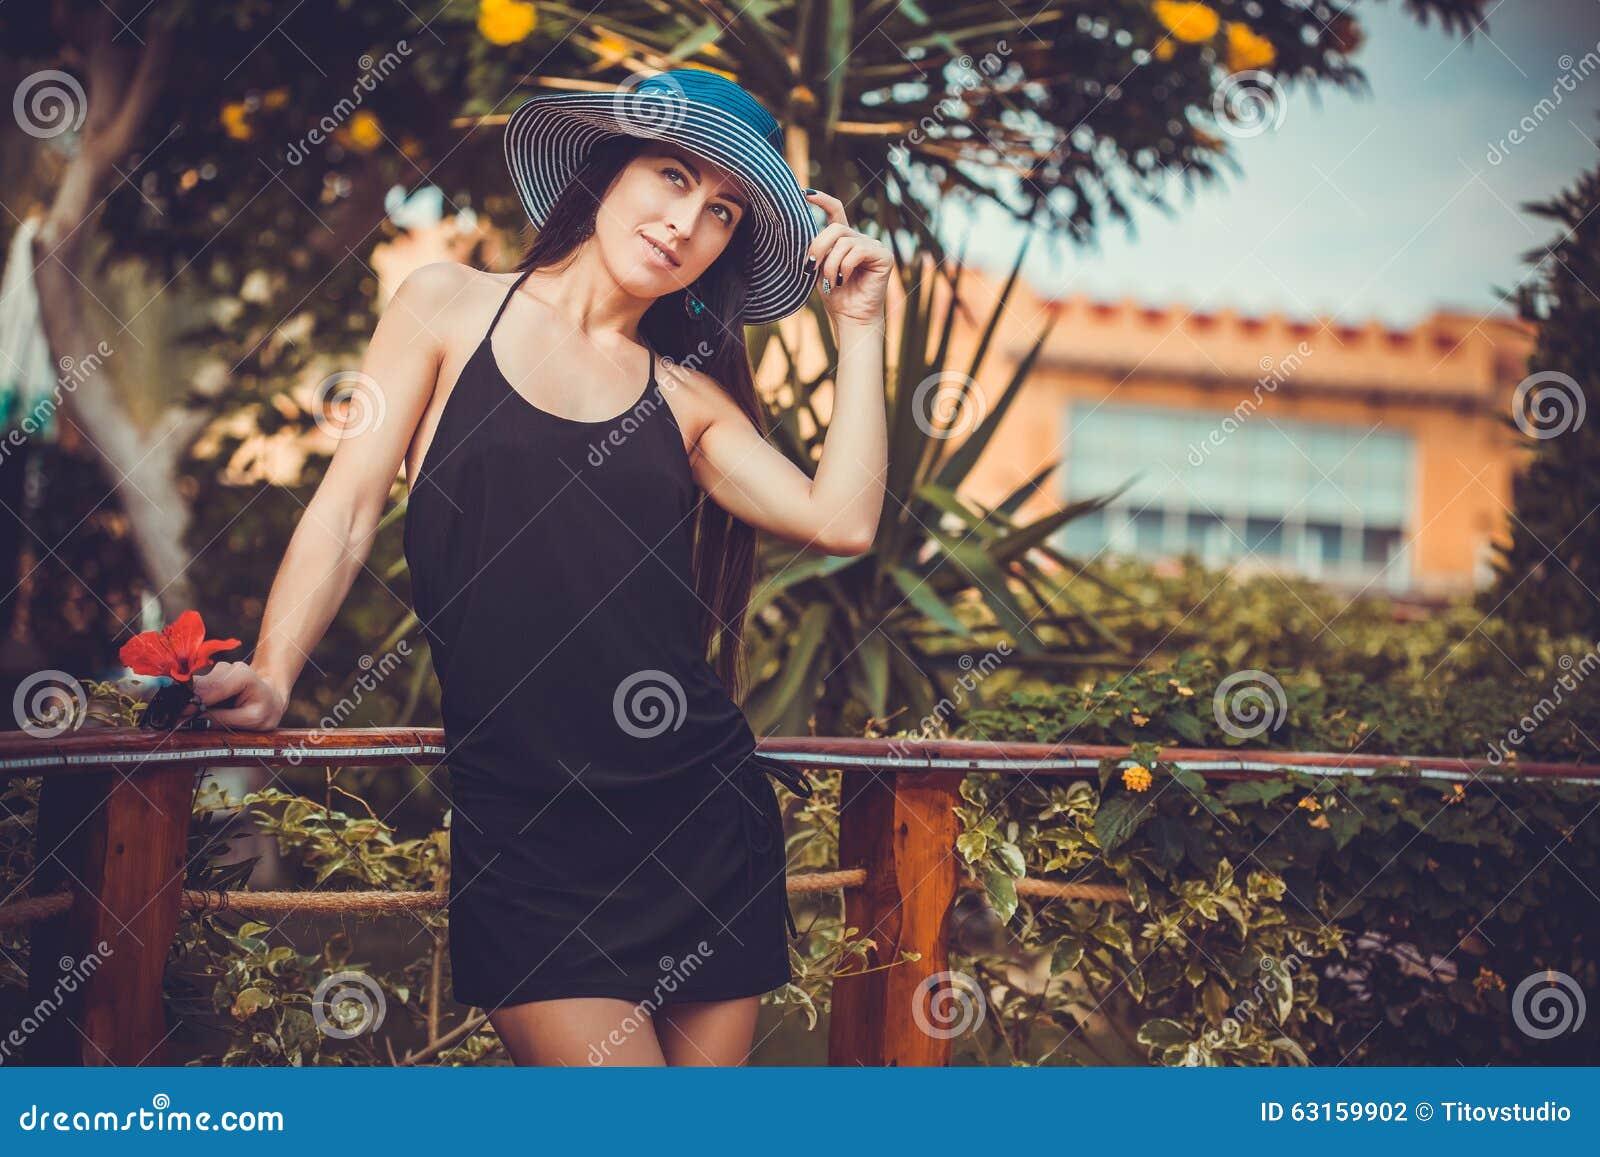 Junge nette Frau, die in einem grünen Park aufwirft